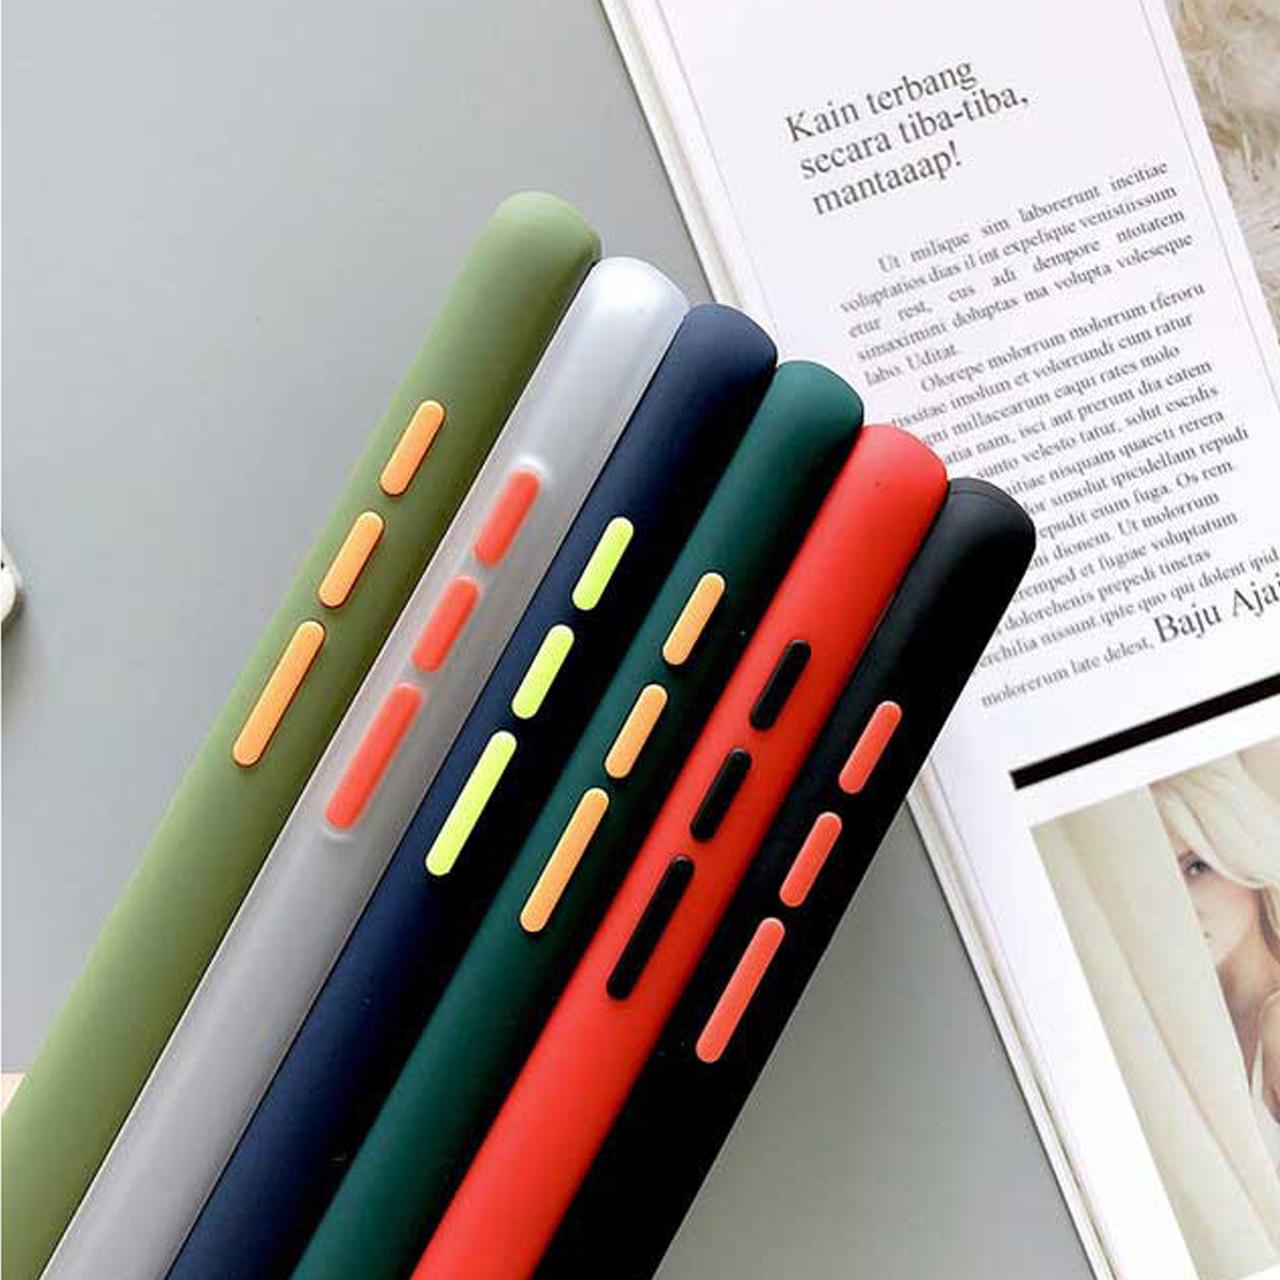 کاور لاین کینگ مدل M21 مناسب برای گوشی موبایل شیائومی Redmi Note 9S / Note 9 Pro / Note 9 Pro Max main 1 12